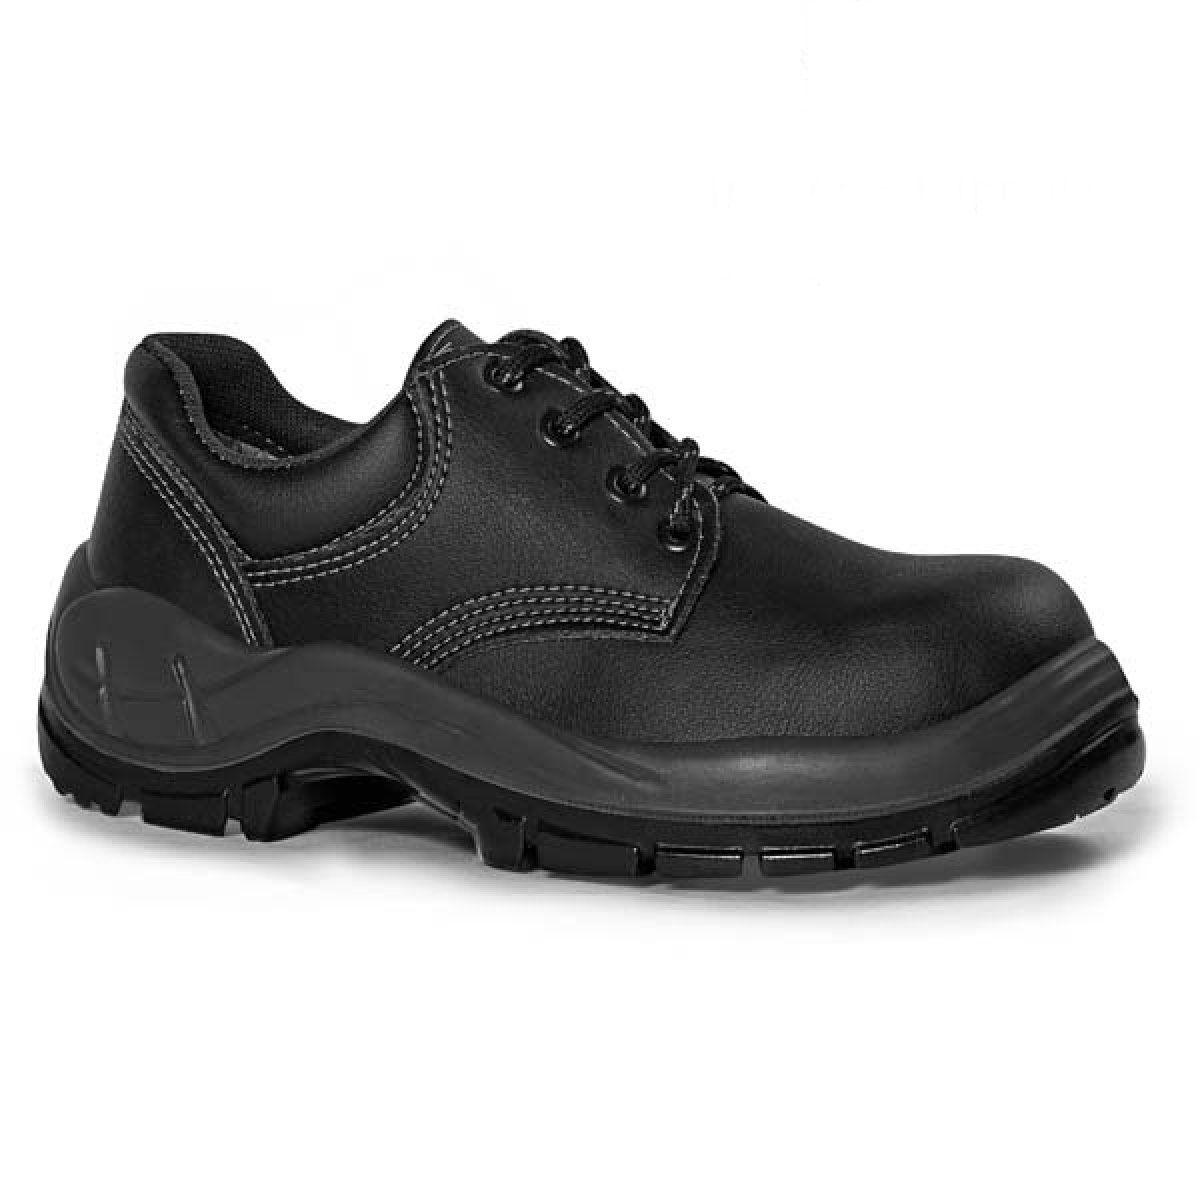 Sapato c/ Cadarço Bidensidade c/ Bico de Aço Preto N°41 - BRACOL